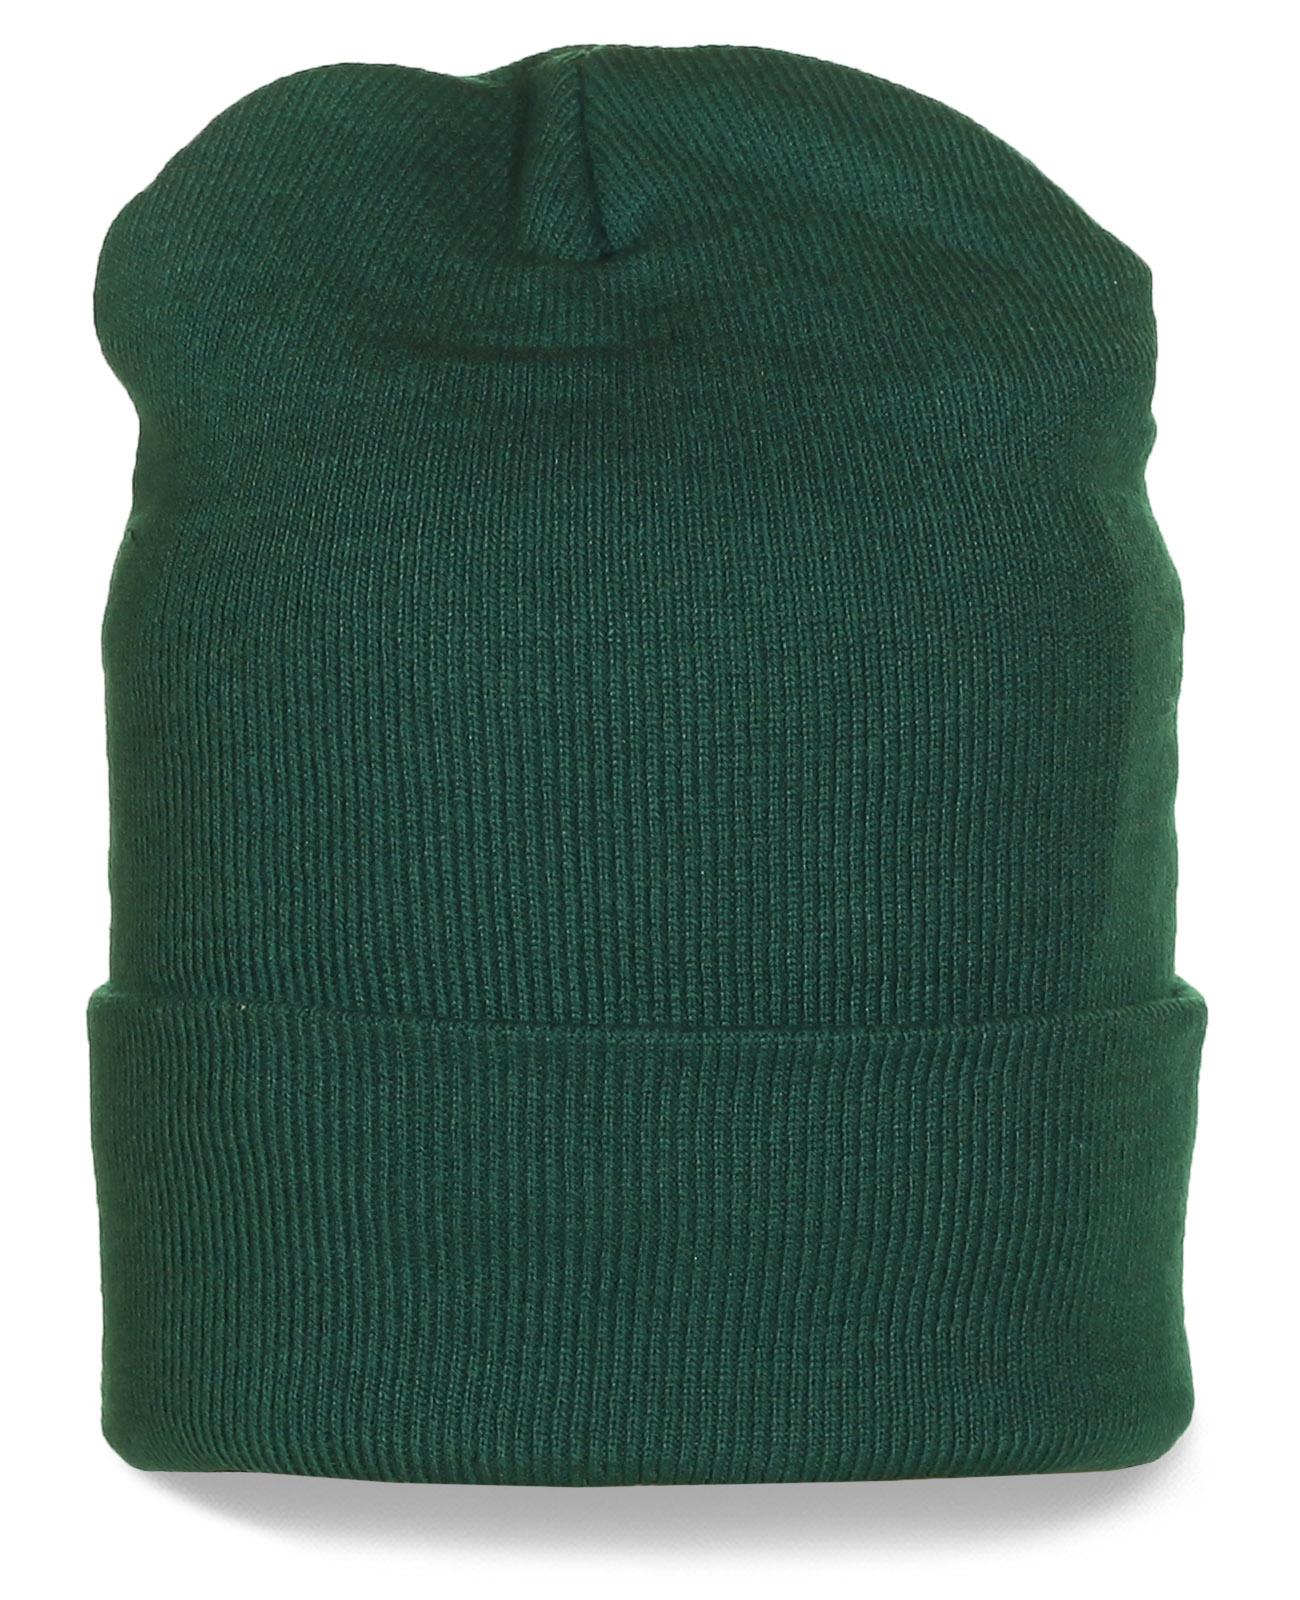 Модная зеленая шапка с подворотом. Подходит на каждый день!